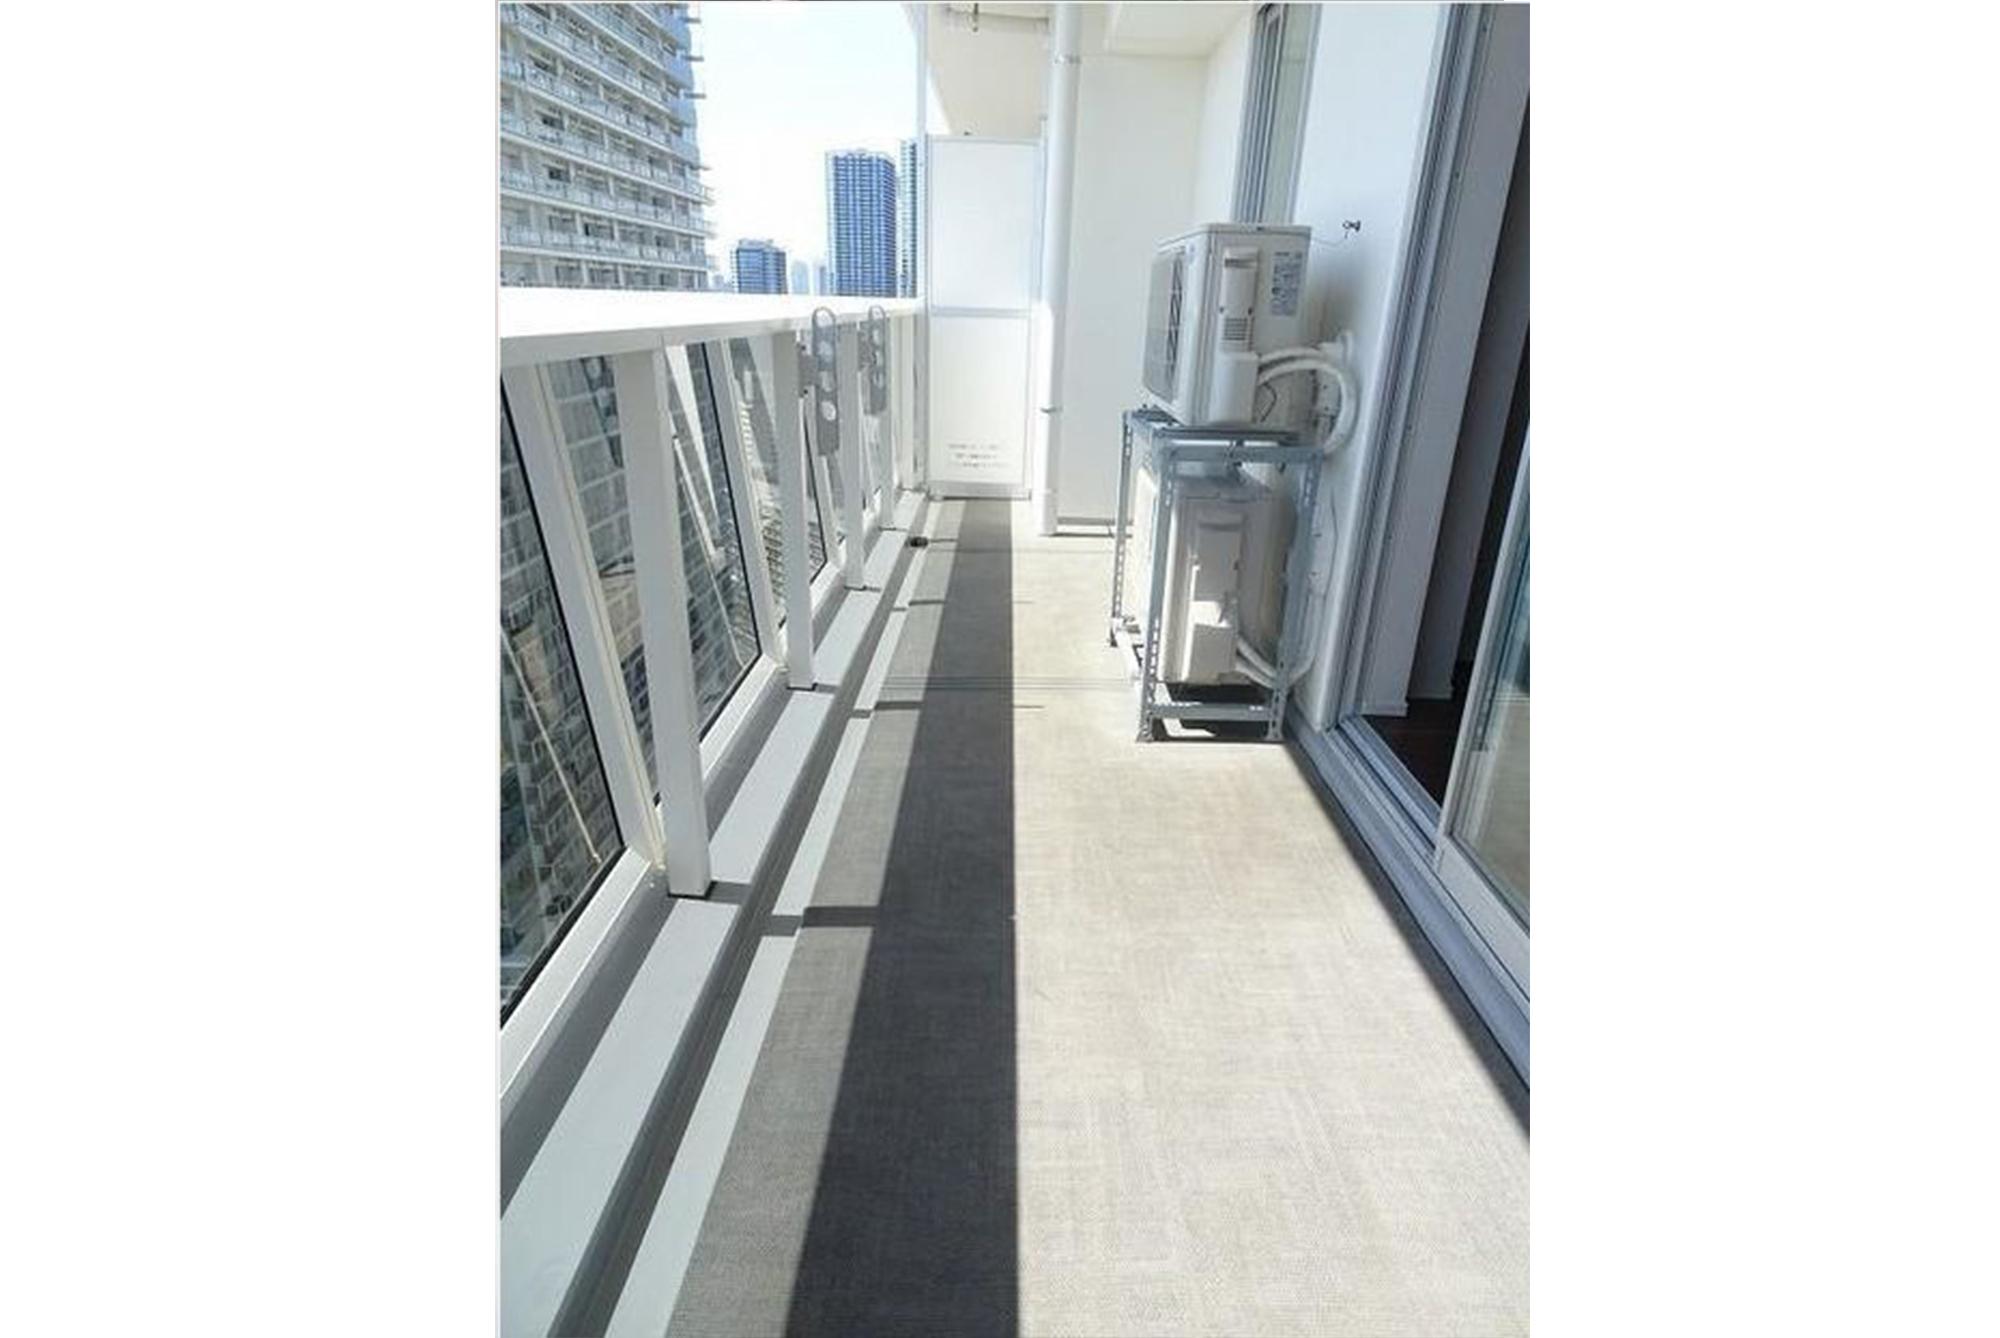 ザ・パークハウス晴海タワーズ ティアロレジデンス 29階の写真3